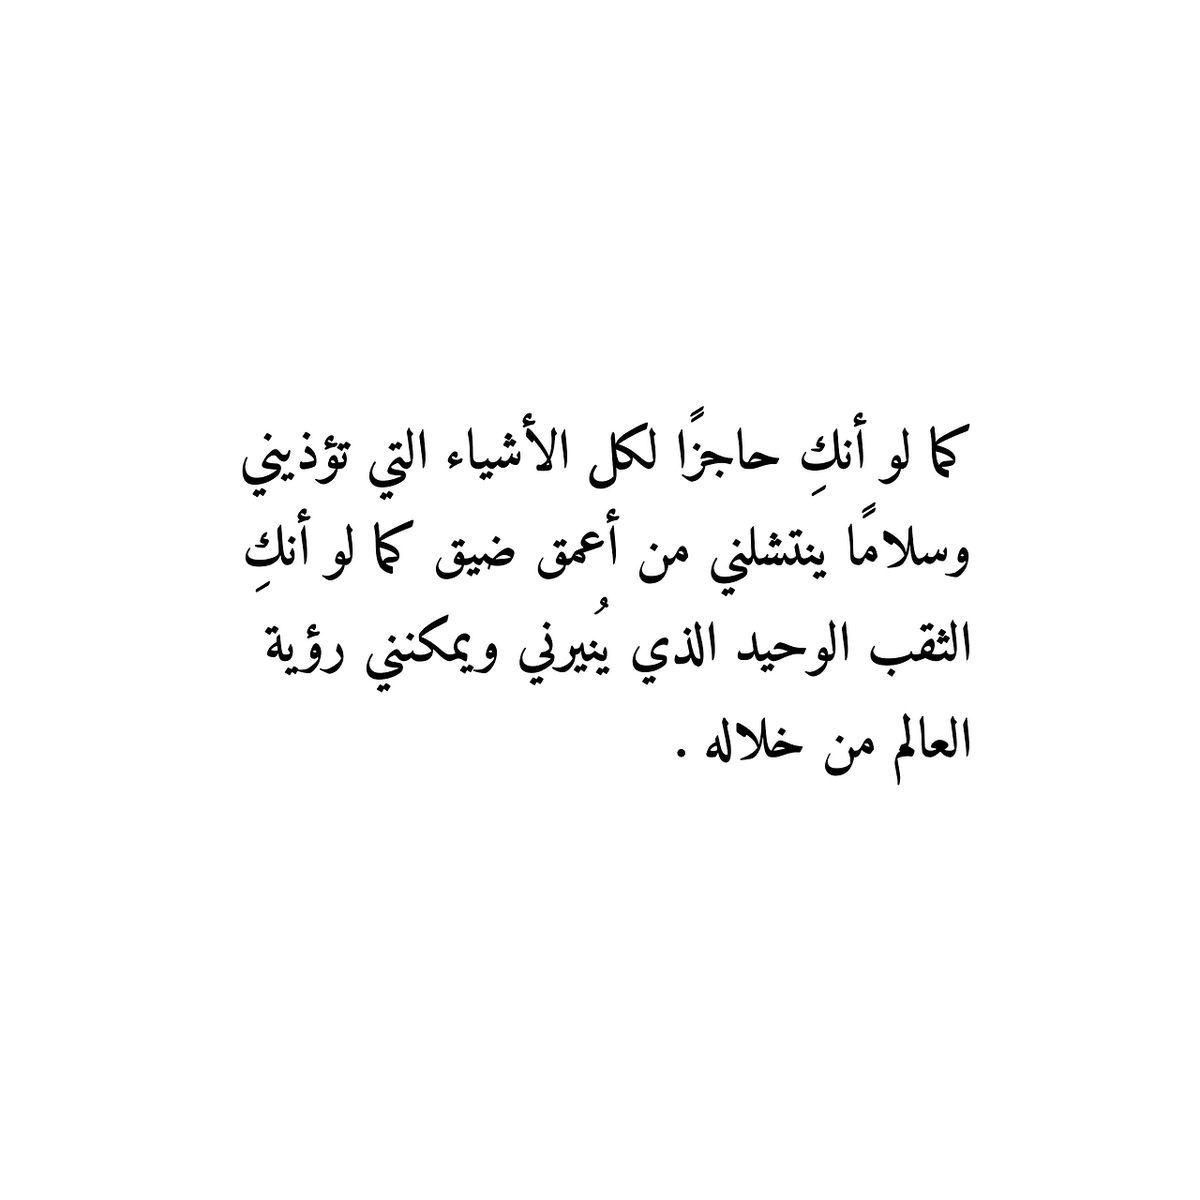 وجودك أمان يا حبيبي Words Quotes Quotes Arabic Love Quotes